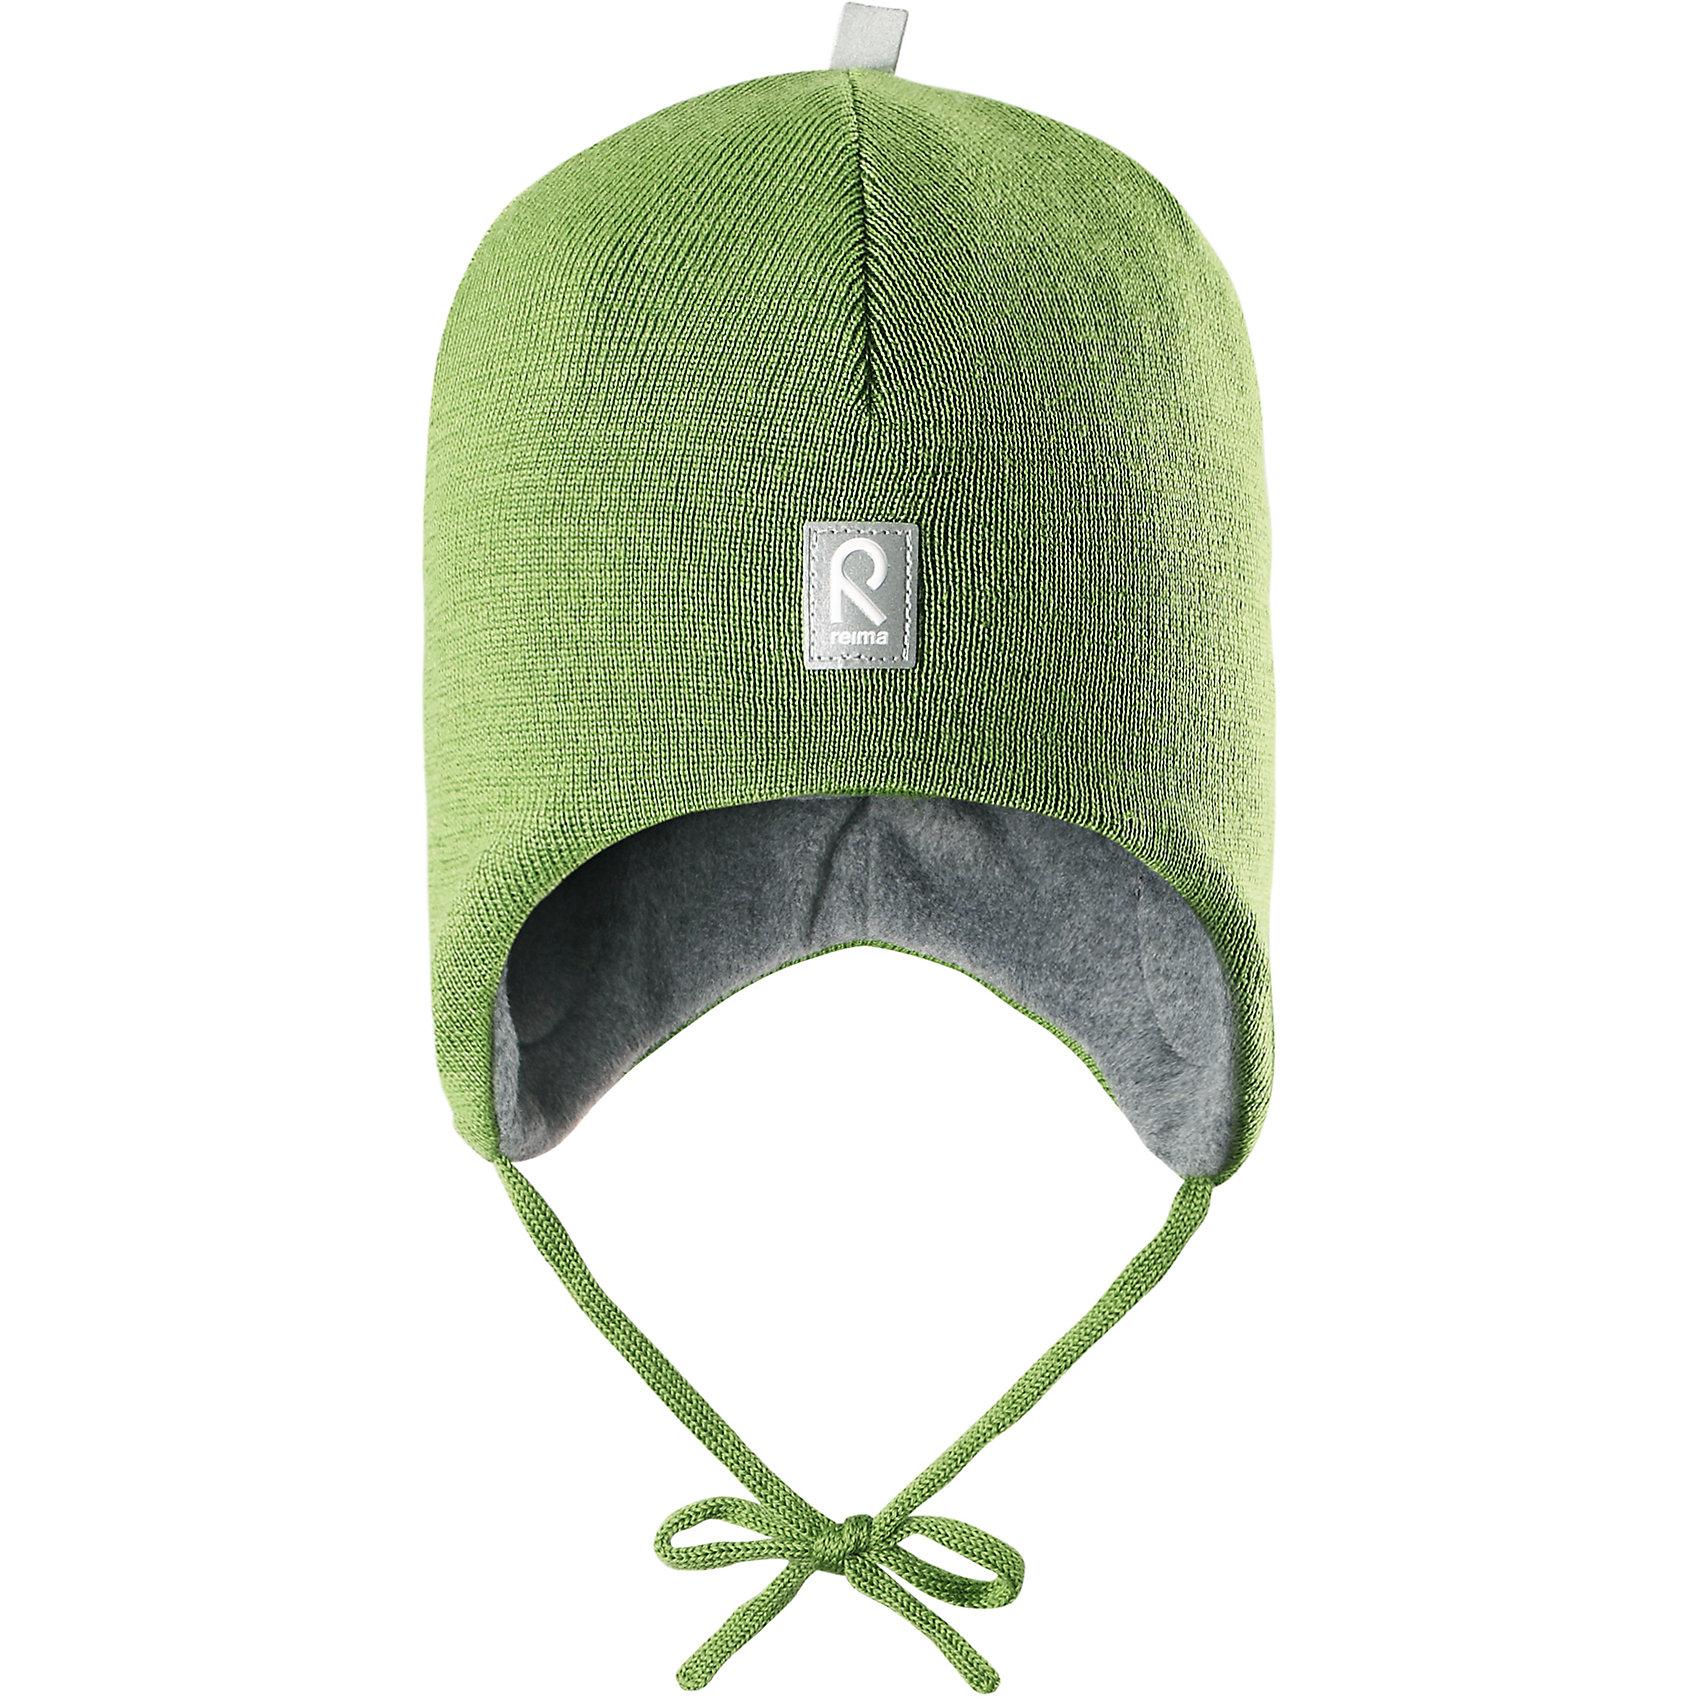 Шапка Auva ReimaШапки и шарфы<br>Шапка  Reima<br>Шапка «Бини» для малышей. Мягкая ткань из мериносовой шерсти для поддержания идеальной температуры тела. Теплая шерстяная вязка (волокно). Основной материал сертифицирован Oeko-Tex, класс 1, одежда для малышей. Ветронепроницаемые вставки в области ушей. Любые размеры. Мягкая теплая подкладка из поларфлиса. Светоотражающие детали сверху.<br>Уход:<br>Стирать по отдельности, вывернув наизнанку. Придать первоначальную форму вo влажном виде. Возможна усадка 5 %.<br>Состав:<br>100% Шерсть<br><br>Ширина мм: 89<br>Глубина мм: 117<br>Высота мм: 44<br>Вес г: 155<br>Цвет: зеленый<br>Возраст от месяцев: 18<br>Возраст до месяцев: 36<br>Пол: Унисекс<br>Возраст: Детский<br>Размер: 50,46,48,52<br>SKU: 4775736